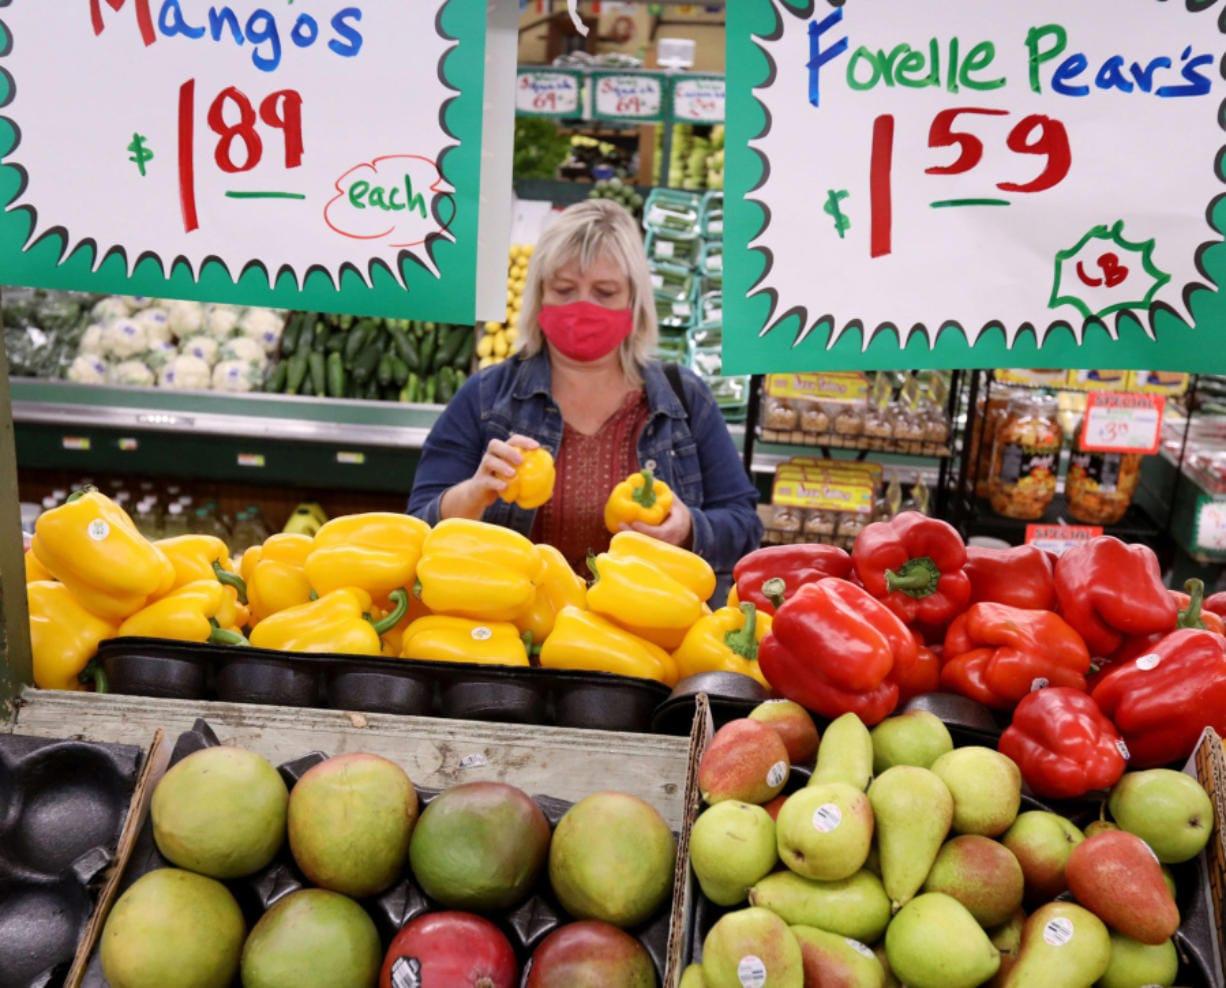 Eva Rosol compra sus alimentos en Nature's Best, en Westmont, Illinois, el 21 de octubre de 2020.